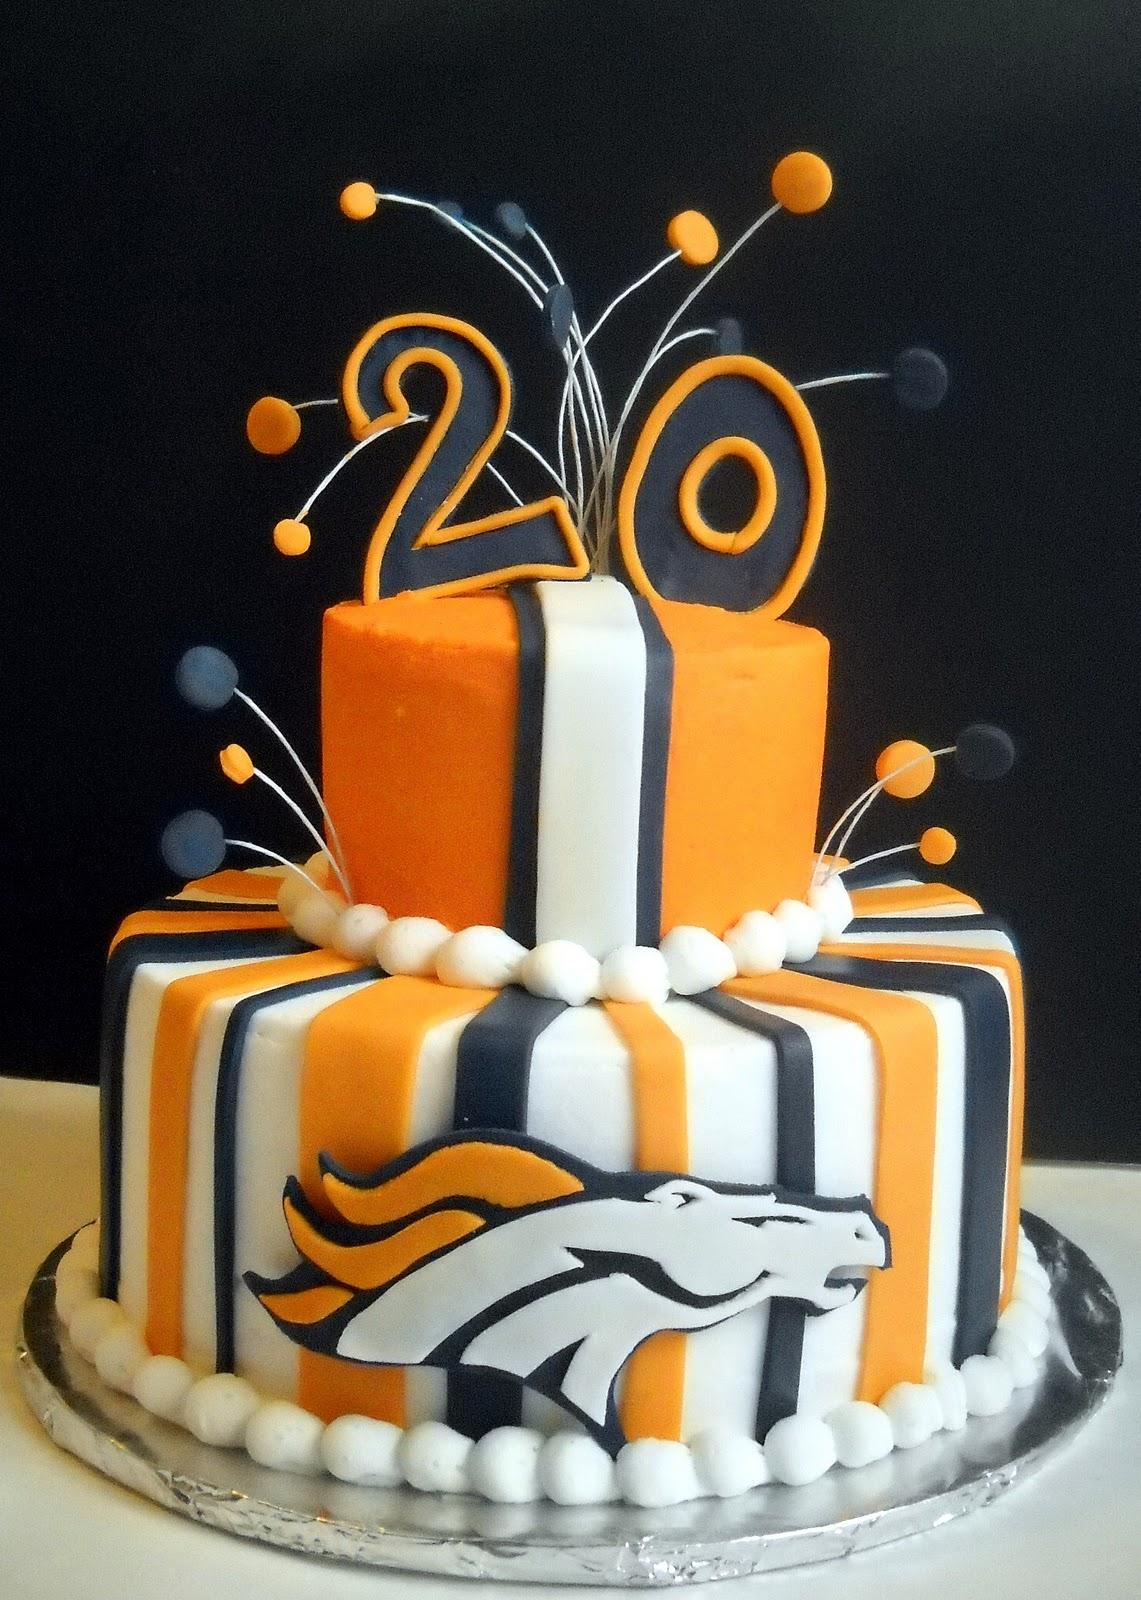 Pin Denver Broncos Cake Envy Cake On Pinterest